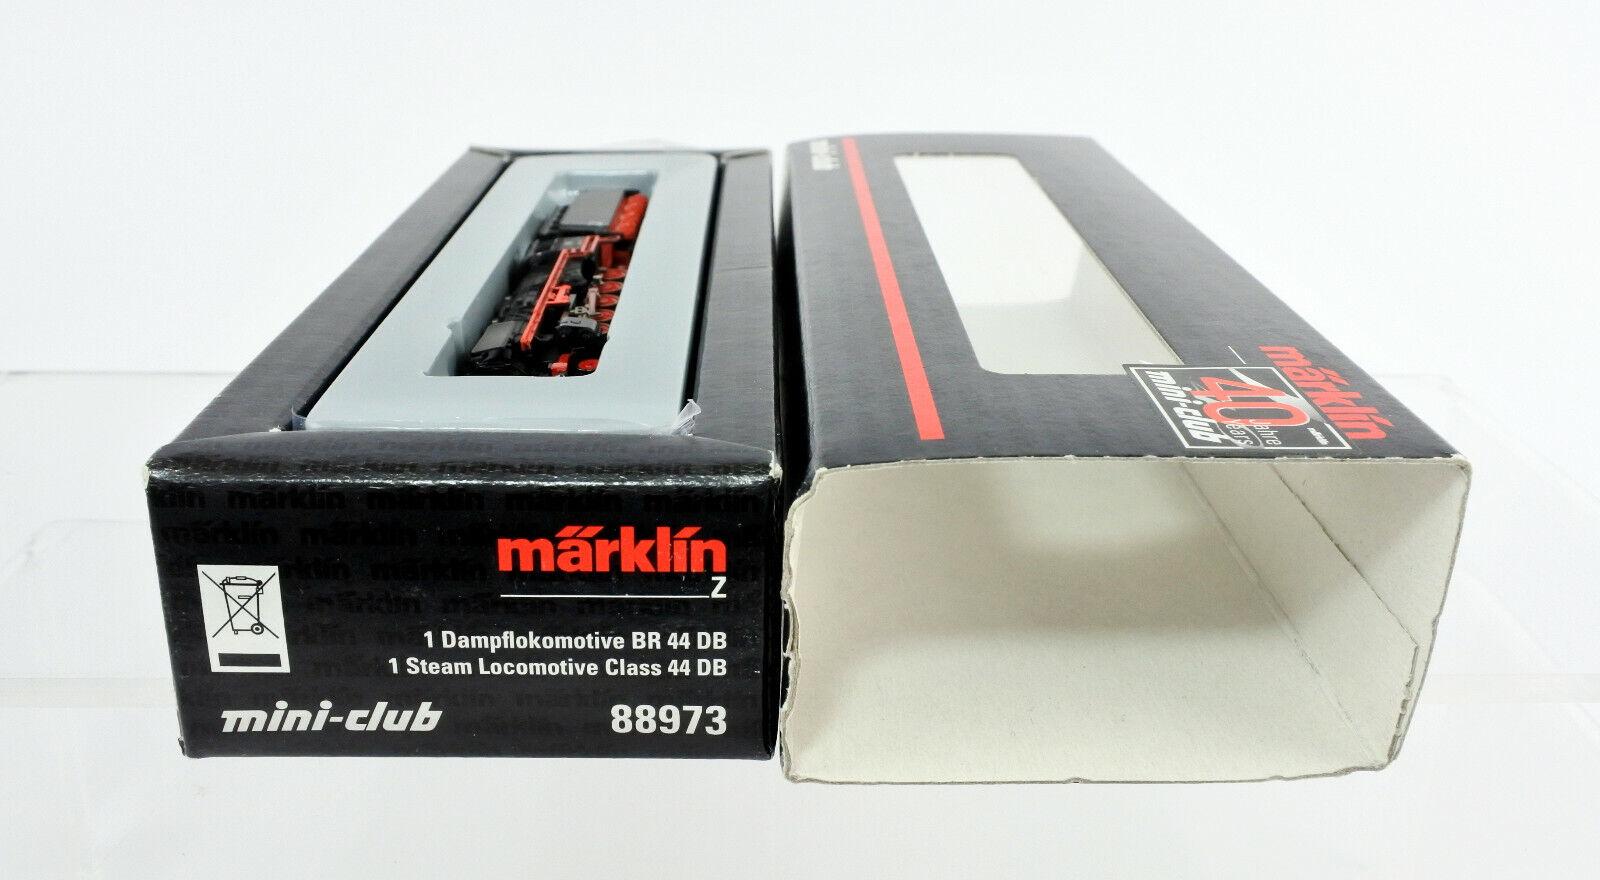 MARKLIN SCALA Z 88973 DRAGONBtutti Marronee 44 2100 Motore A Vapore & TENDER  44 1374